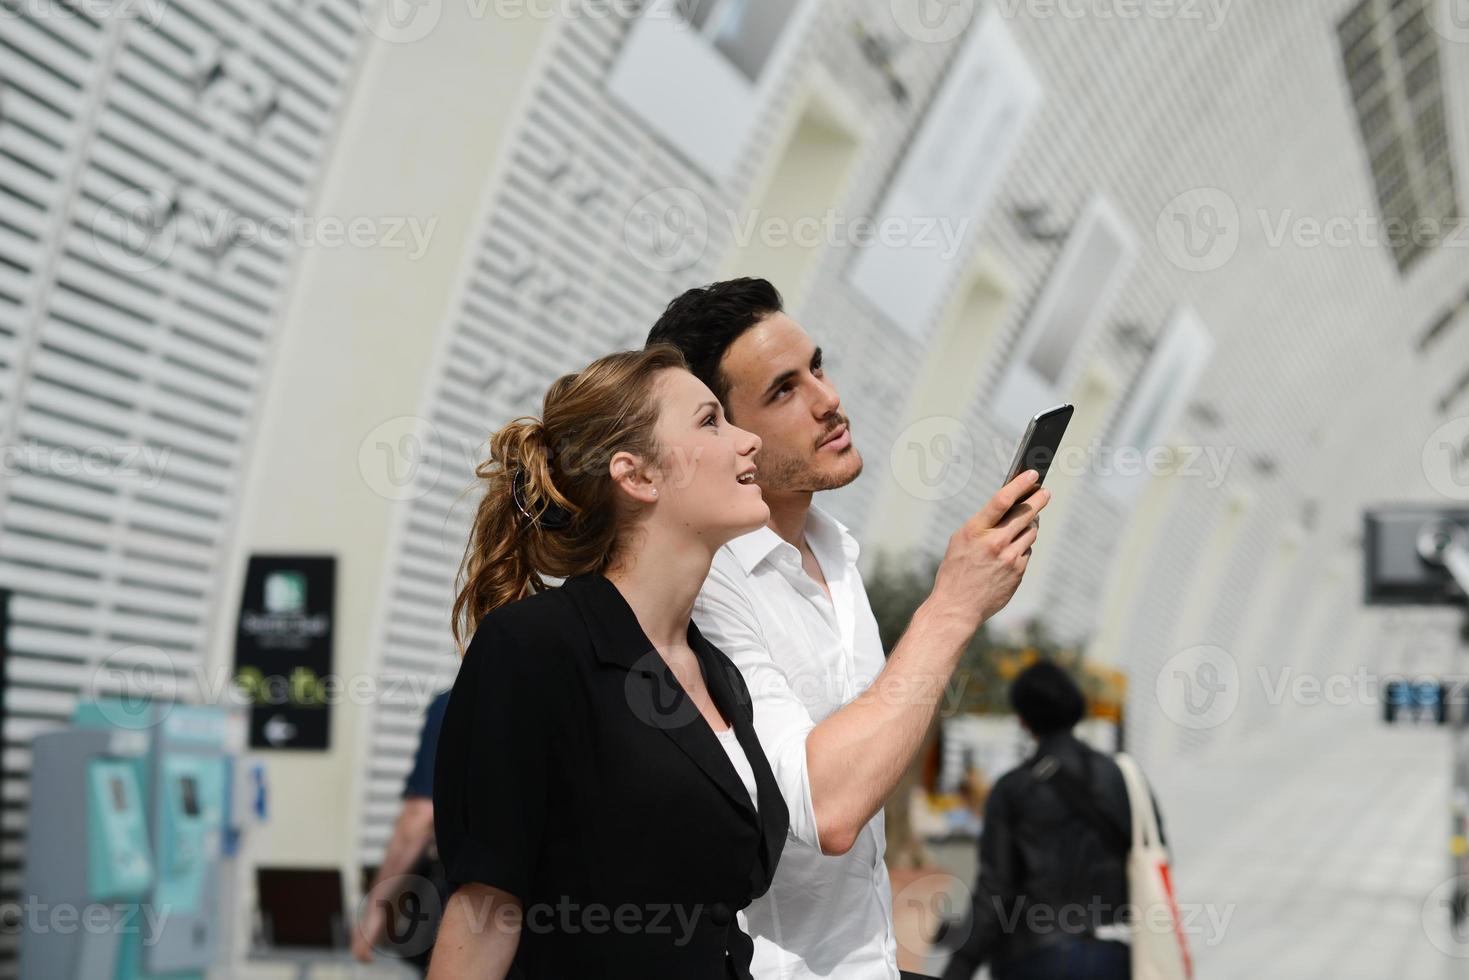 Les jeunes voyageurs d'affaires homme femme station publique à la recherche d'horaire photo